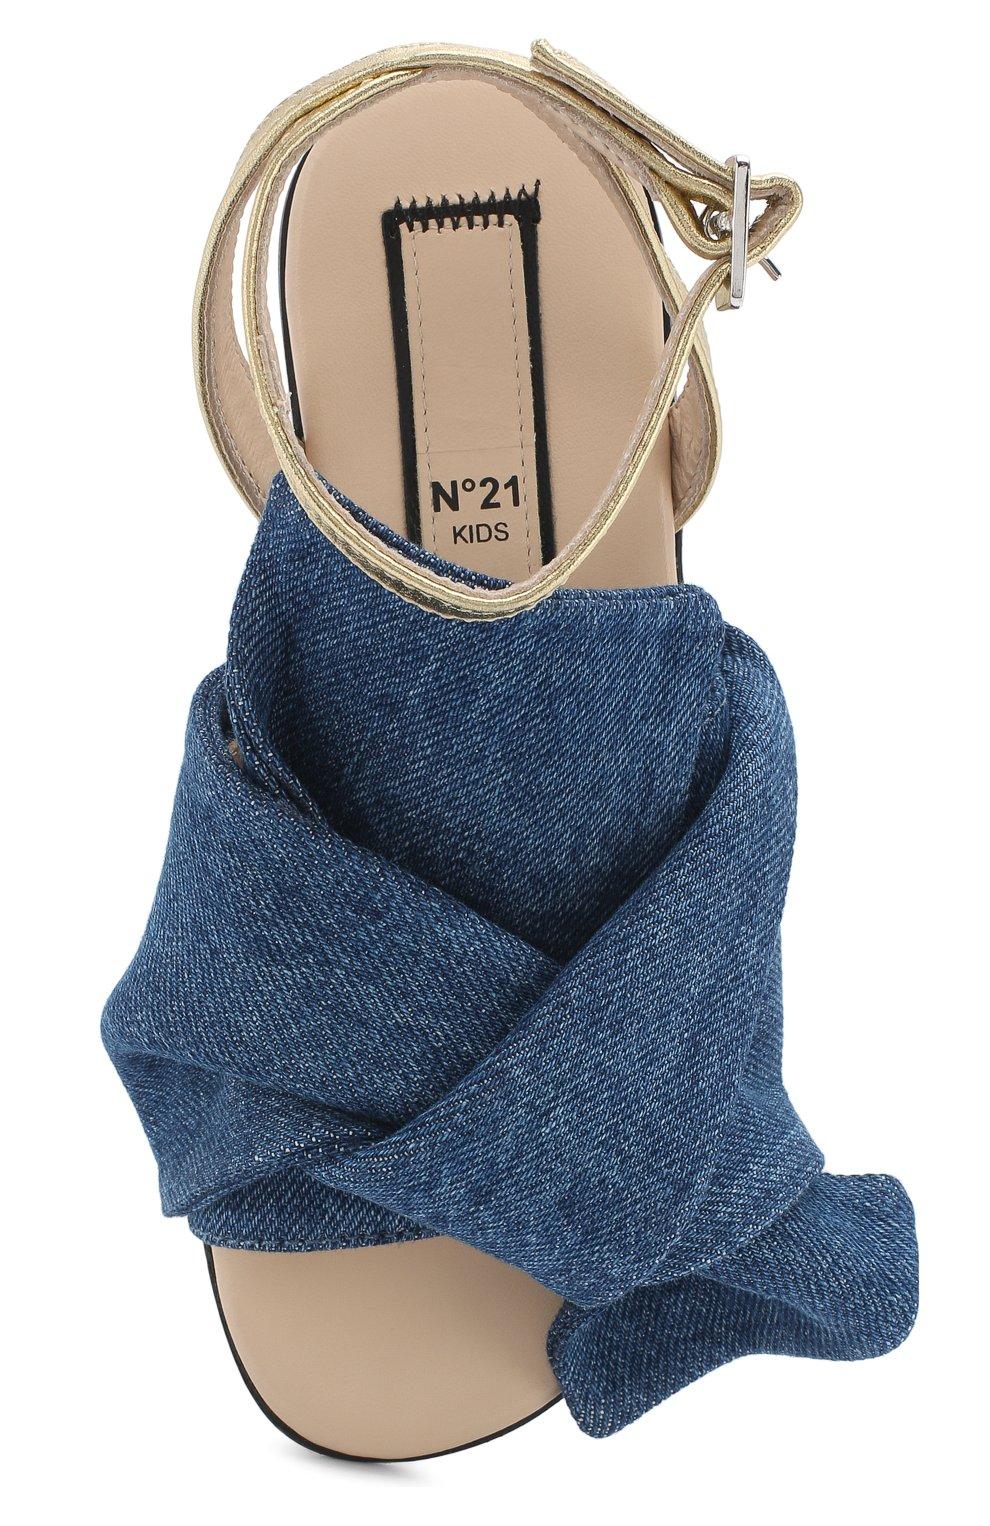 Детские текстильные сандалии с кожаным ремешком и бантом NO. 21 синего цвета, арт. 54606/28-35 | Фото 4